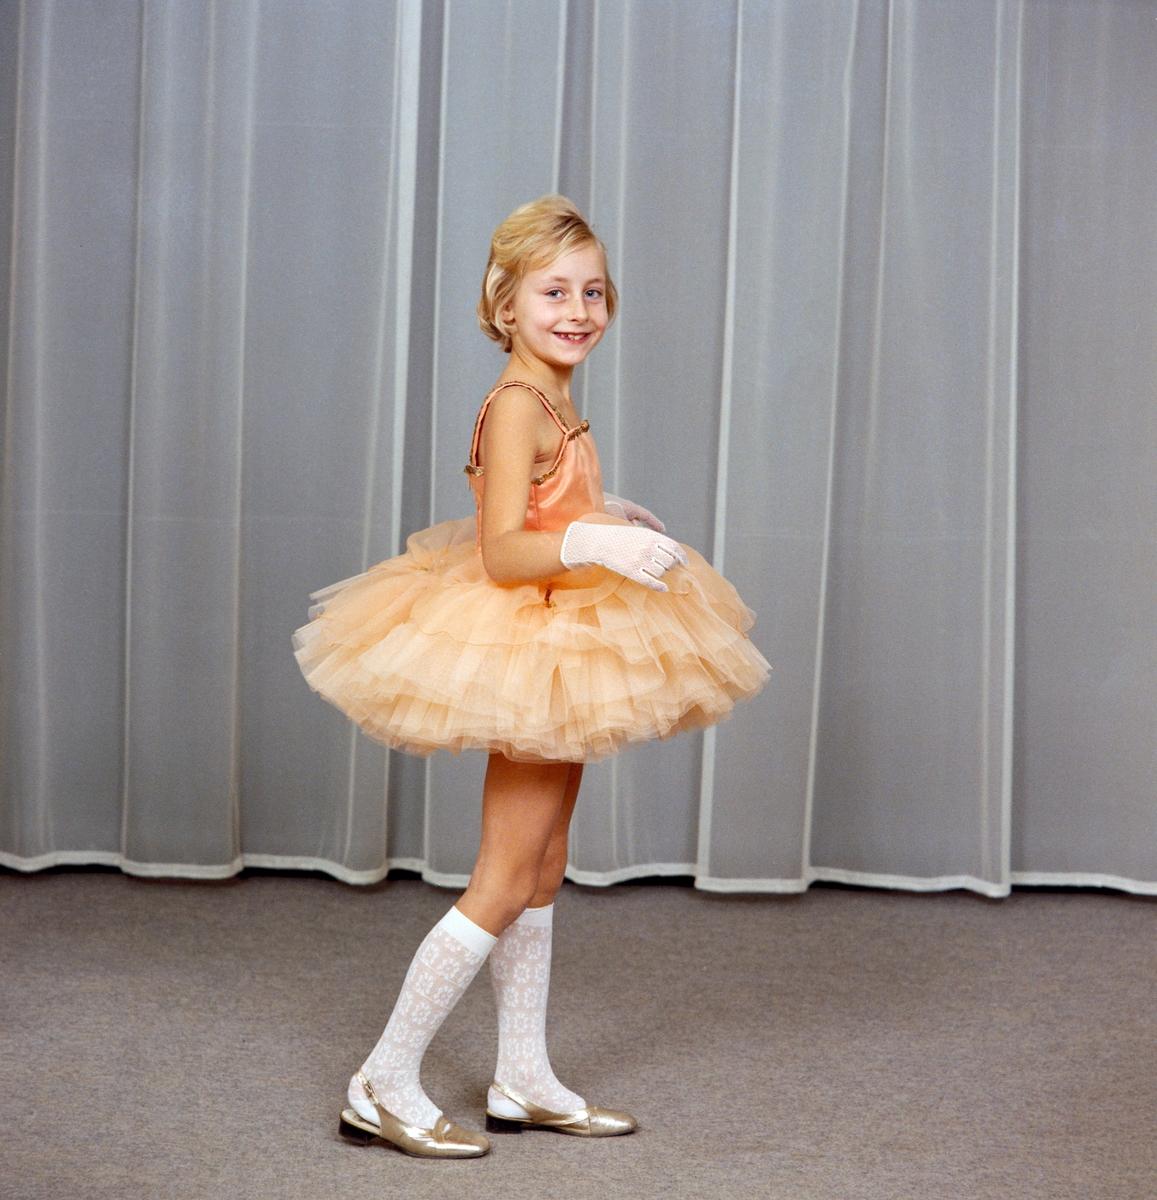 Studiofoto av liten ballettdanser